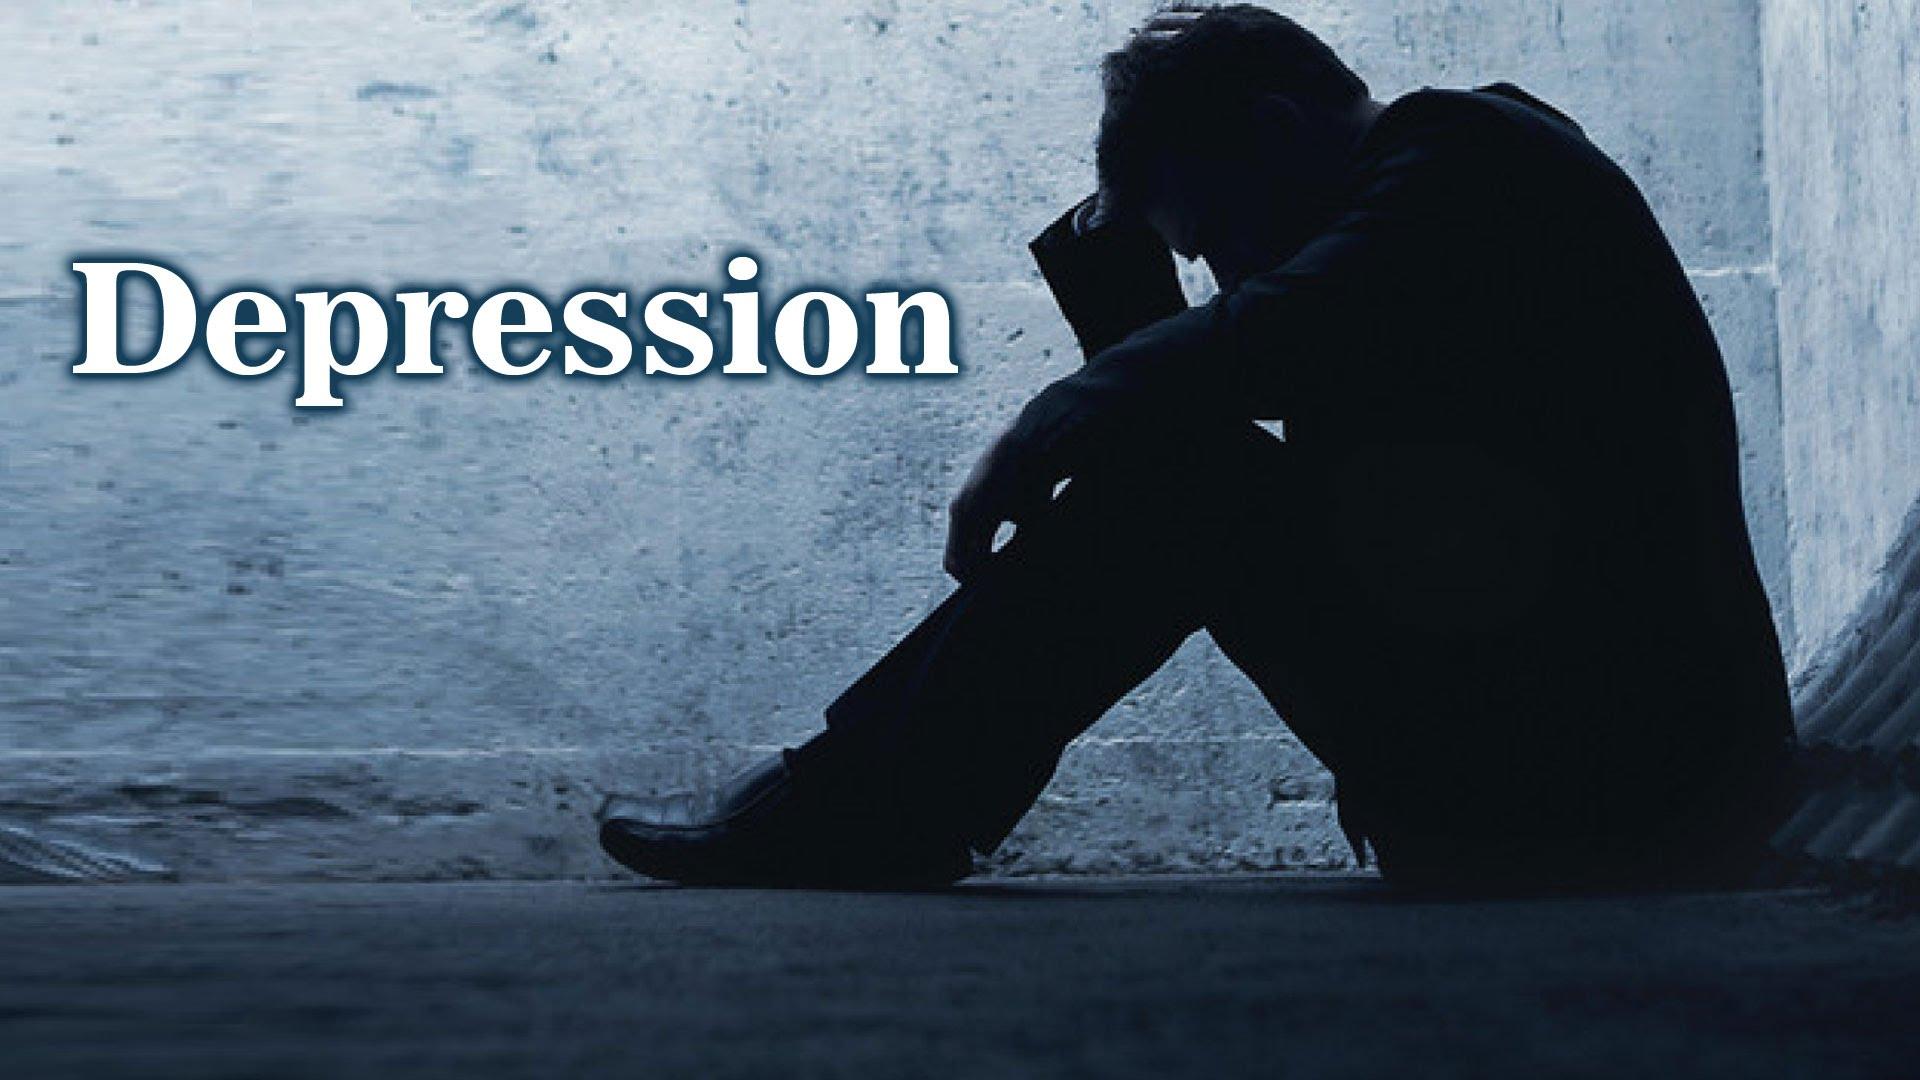 علاج غير متوقع للاكتئاب